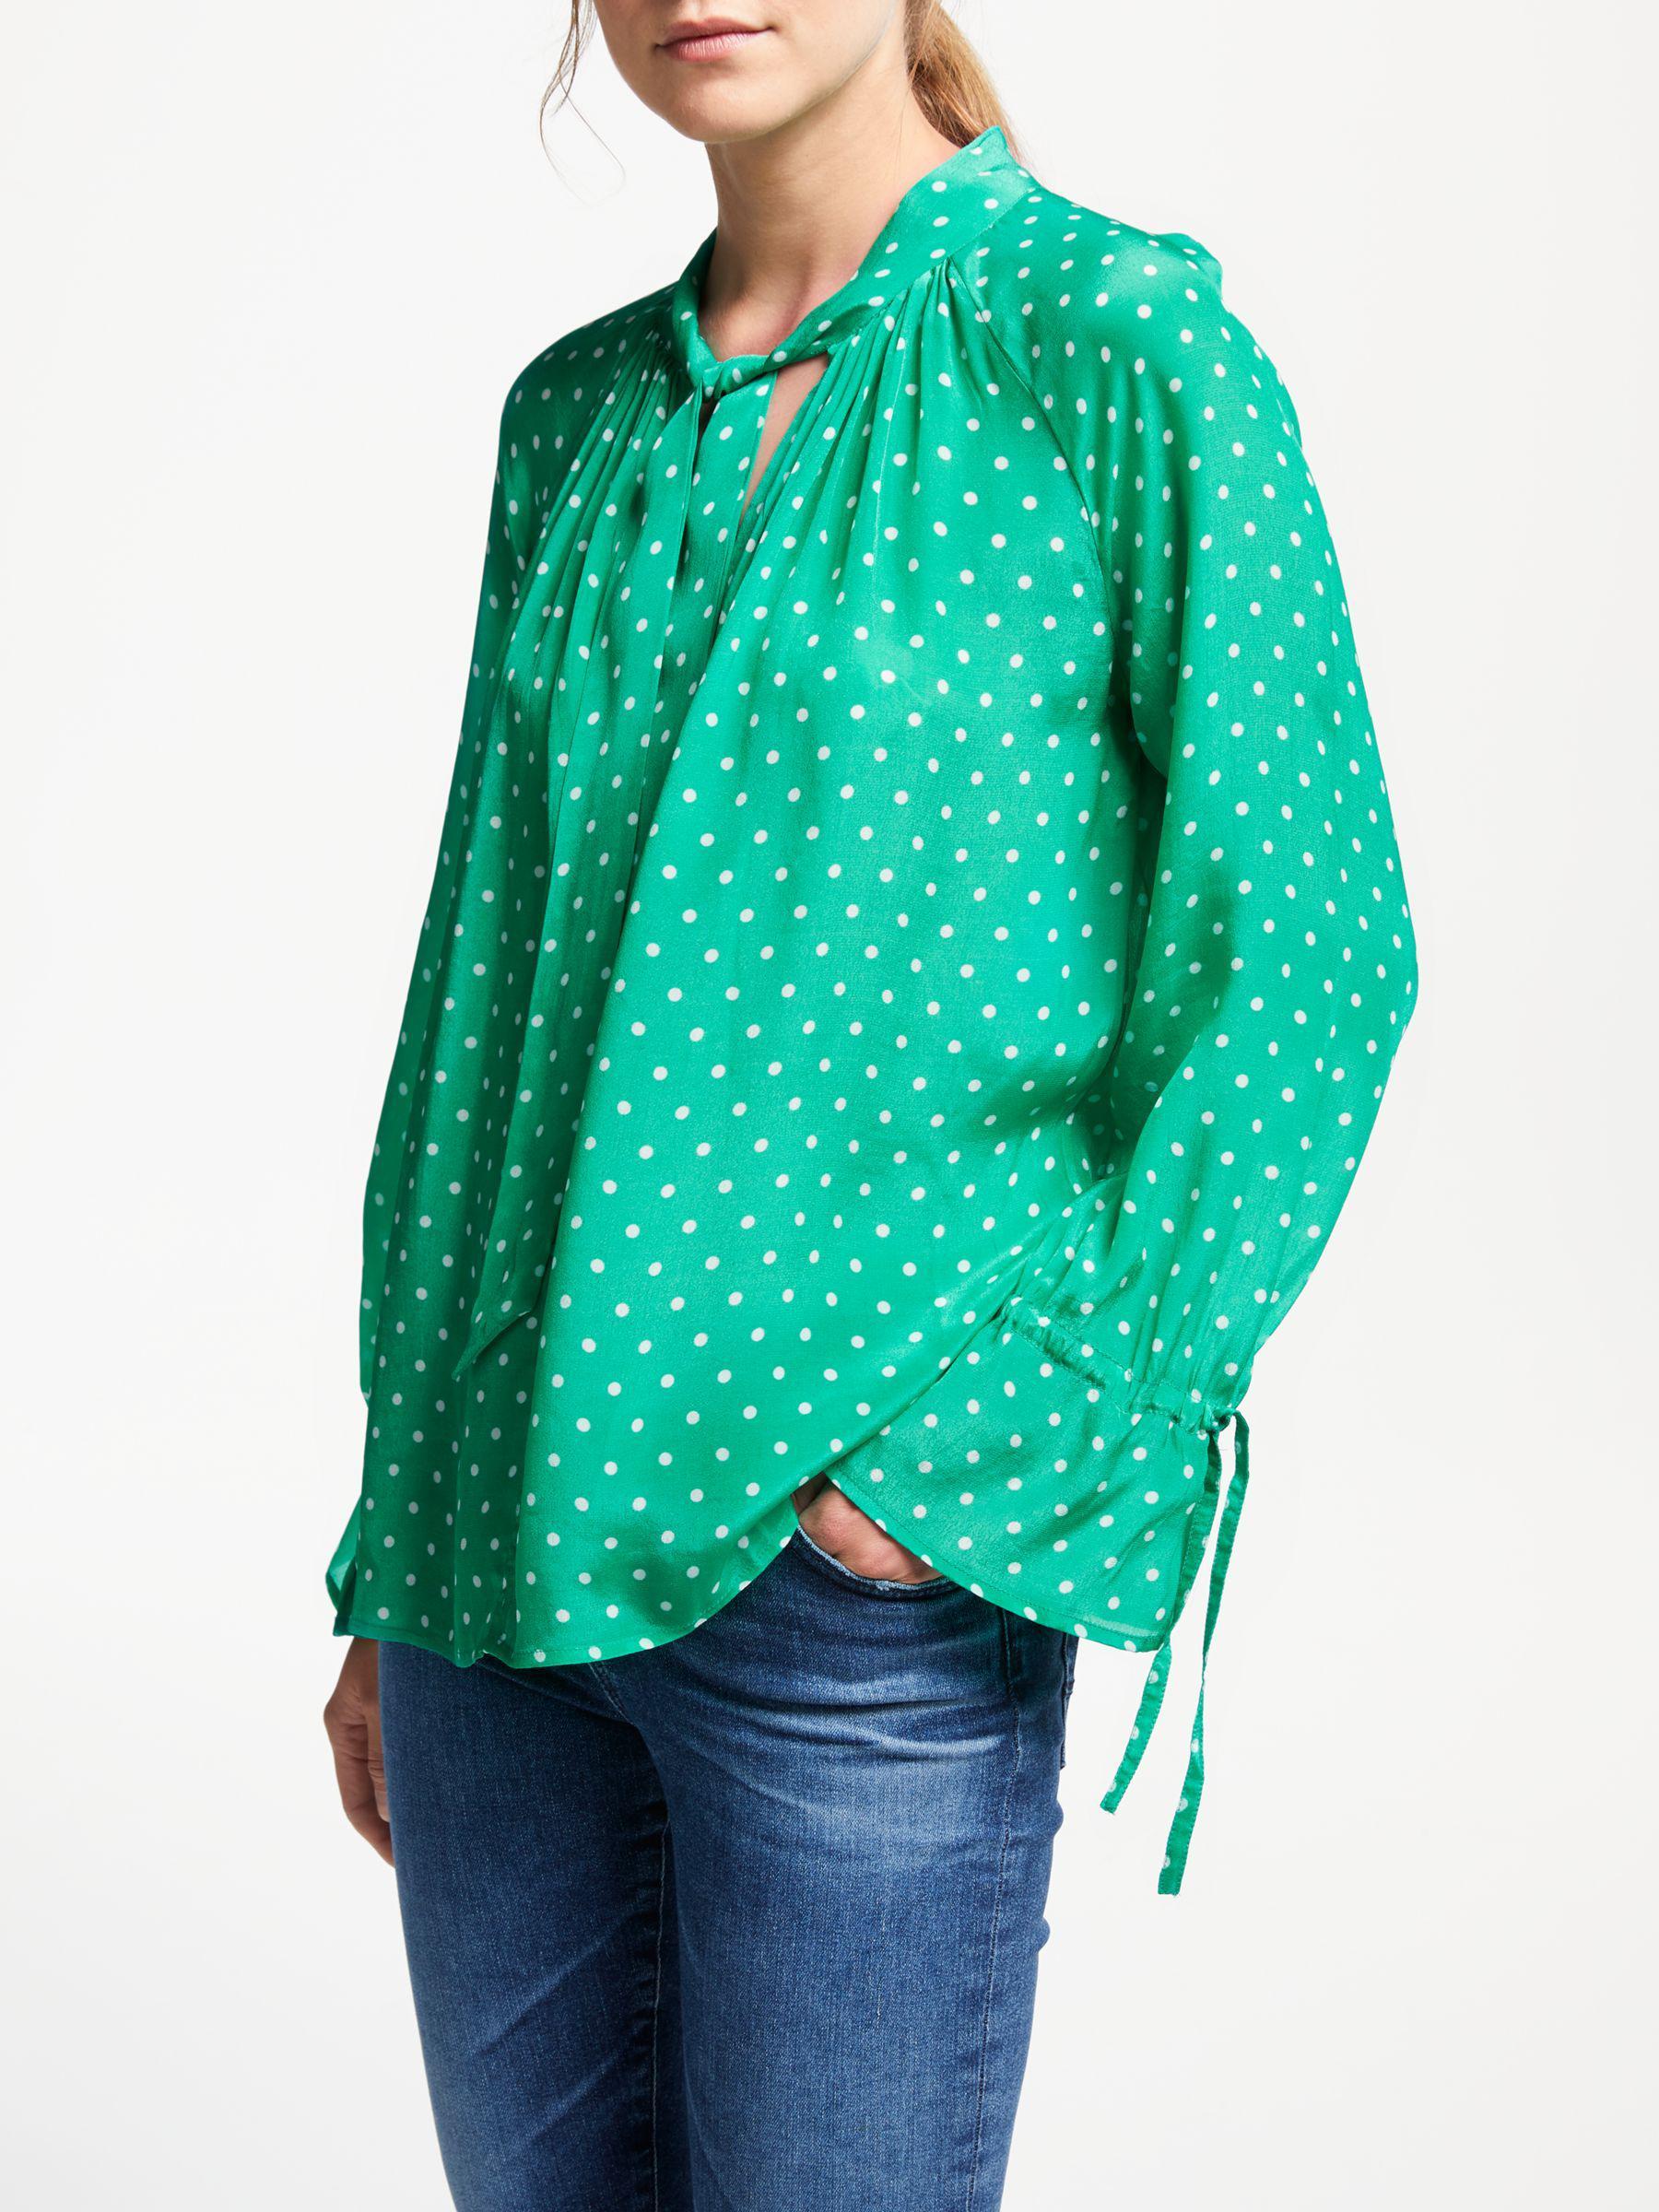 15e8e2c9802a17 Pyrus Anais Spot Print Blouse in Green - Lyst